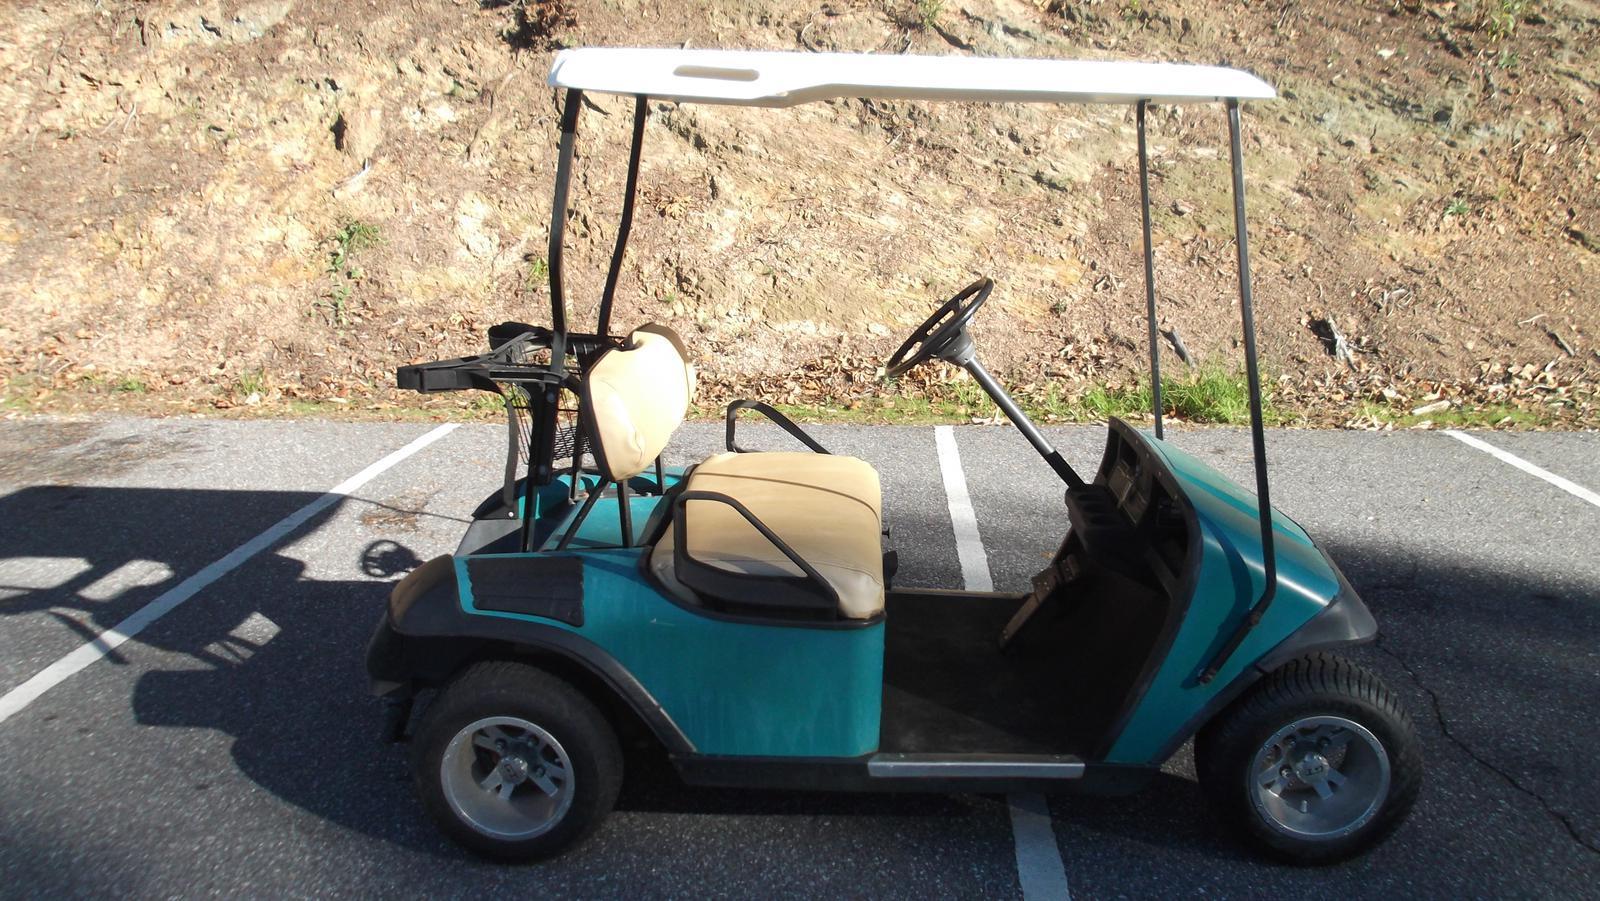 Golf Cart Year on 1993 golf cart, camo golf cart, yamaha electric golf cart, 1994 golf cart, 2 cylinder golf cart, yamaha sun classic golf cart, jack it up golf cart, ezgo gas golf cart,